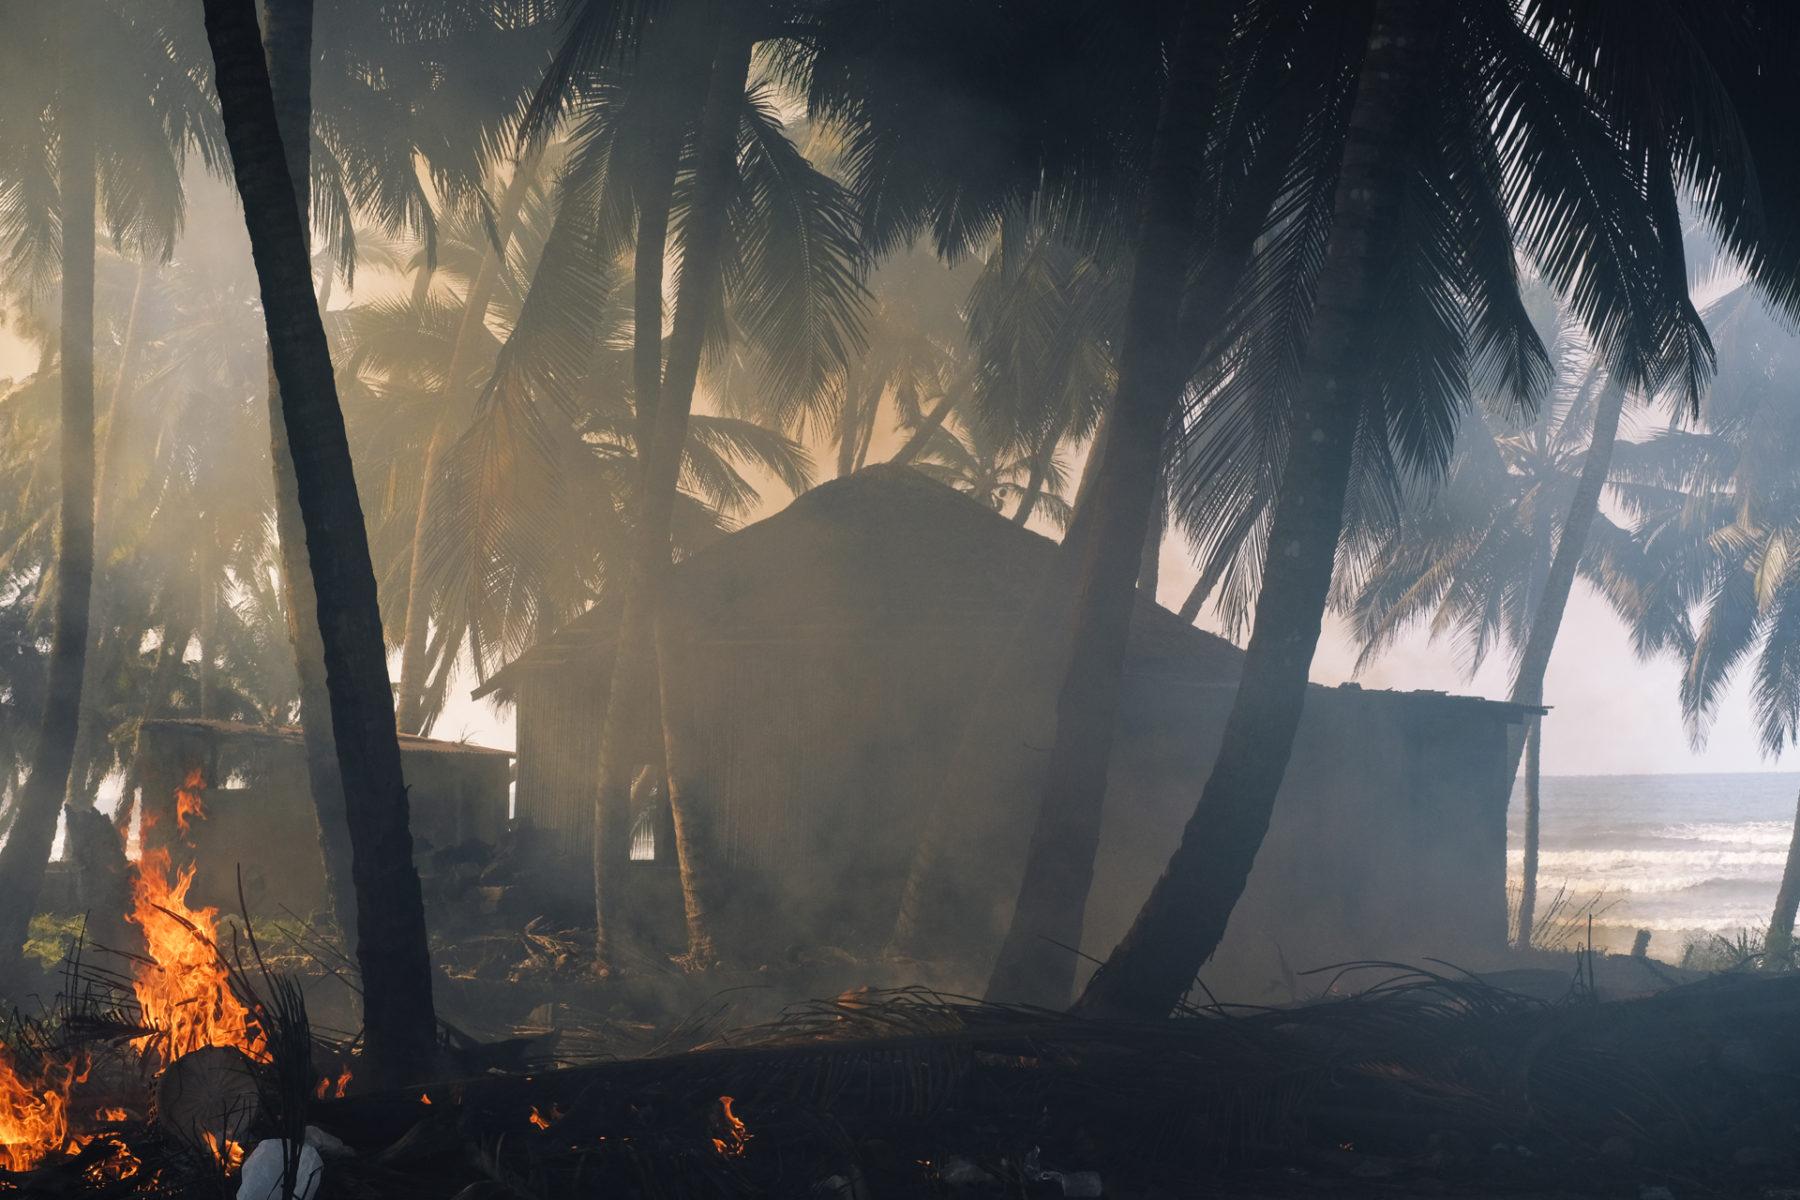 The Ghana Coast